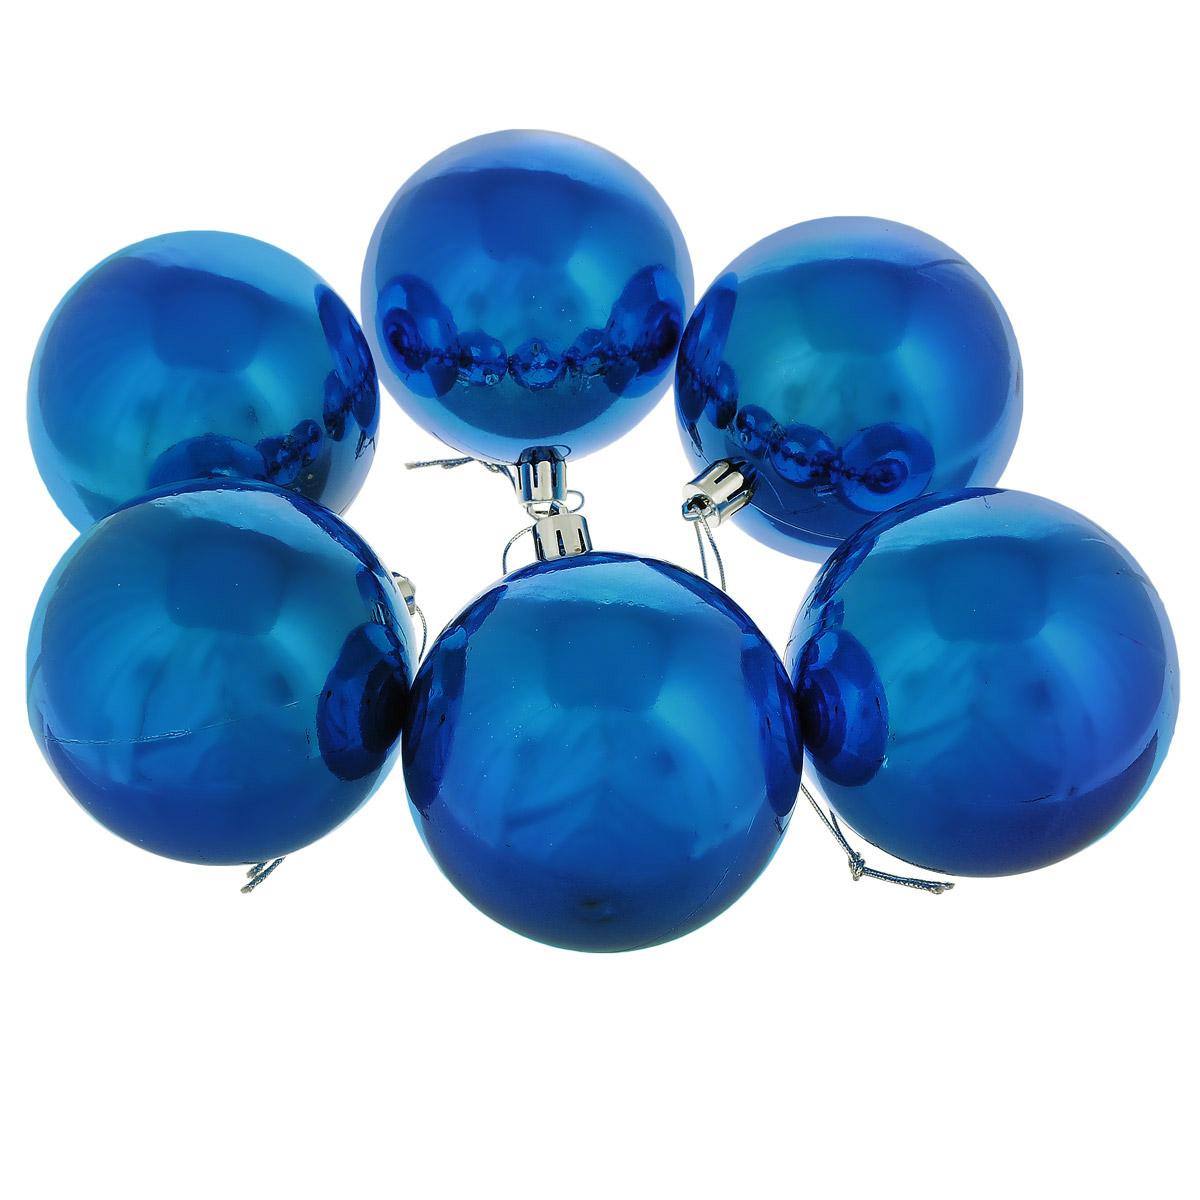 Набор новогодних подвесных украшений выполнен из высококачественного пластика в форме шаров. С помощью специальной петельки украшение можно повесить в любом понравившемся вам месте. Но, конечно, удачнее всего такой набор будет смотреться на праздничной елке.   Елочная игрушка - символ Нового года. Она несет в себе волшебство и красоту праздника. Создайте в своем доме атмосферу веселья и радости, украшая новогоднюю елку нарядными игрушками, которые  будут из года в год накапливать теплоту воспоминаний.